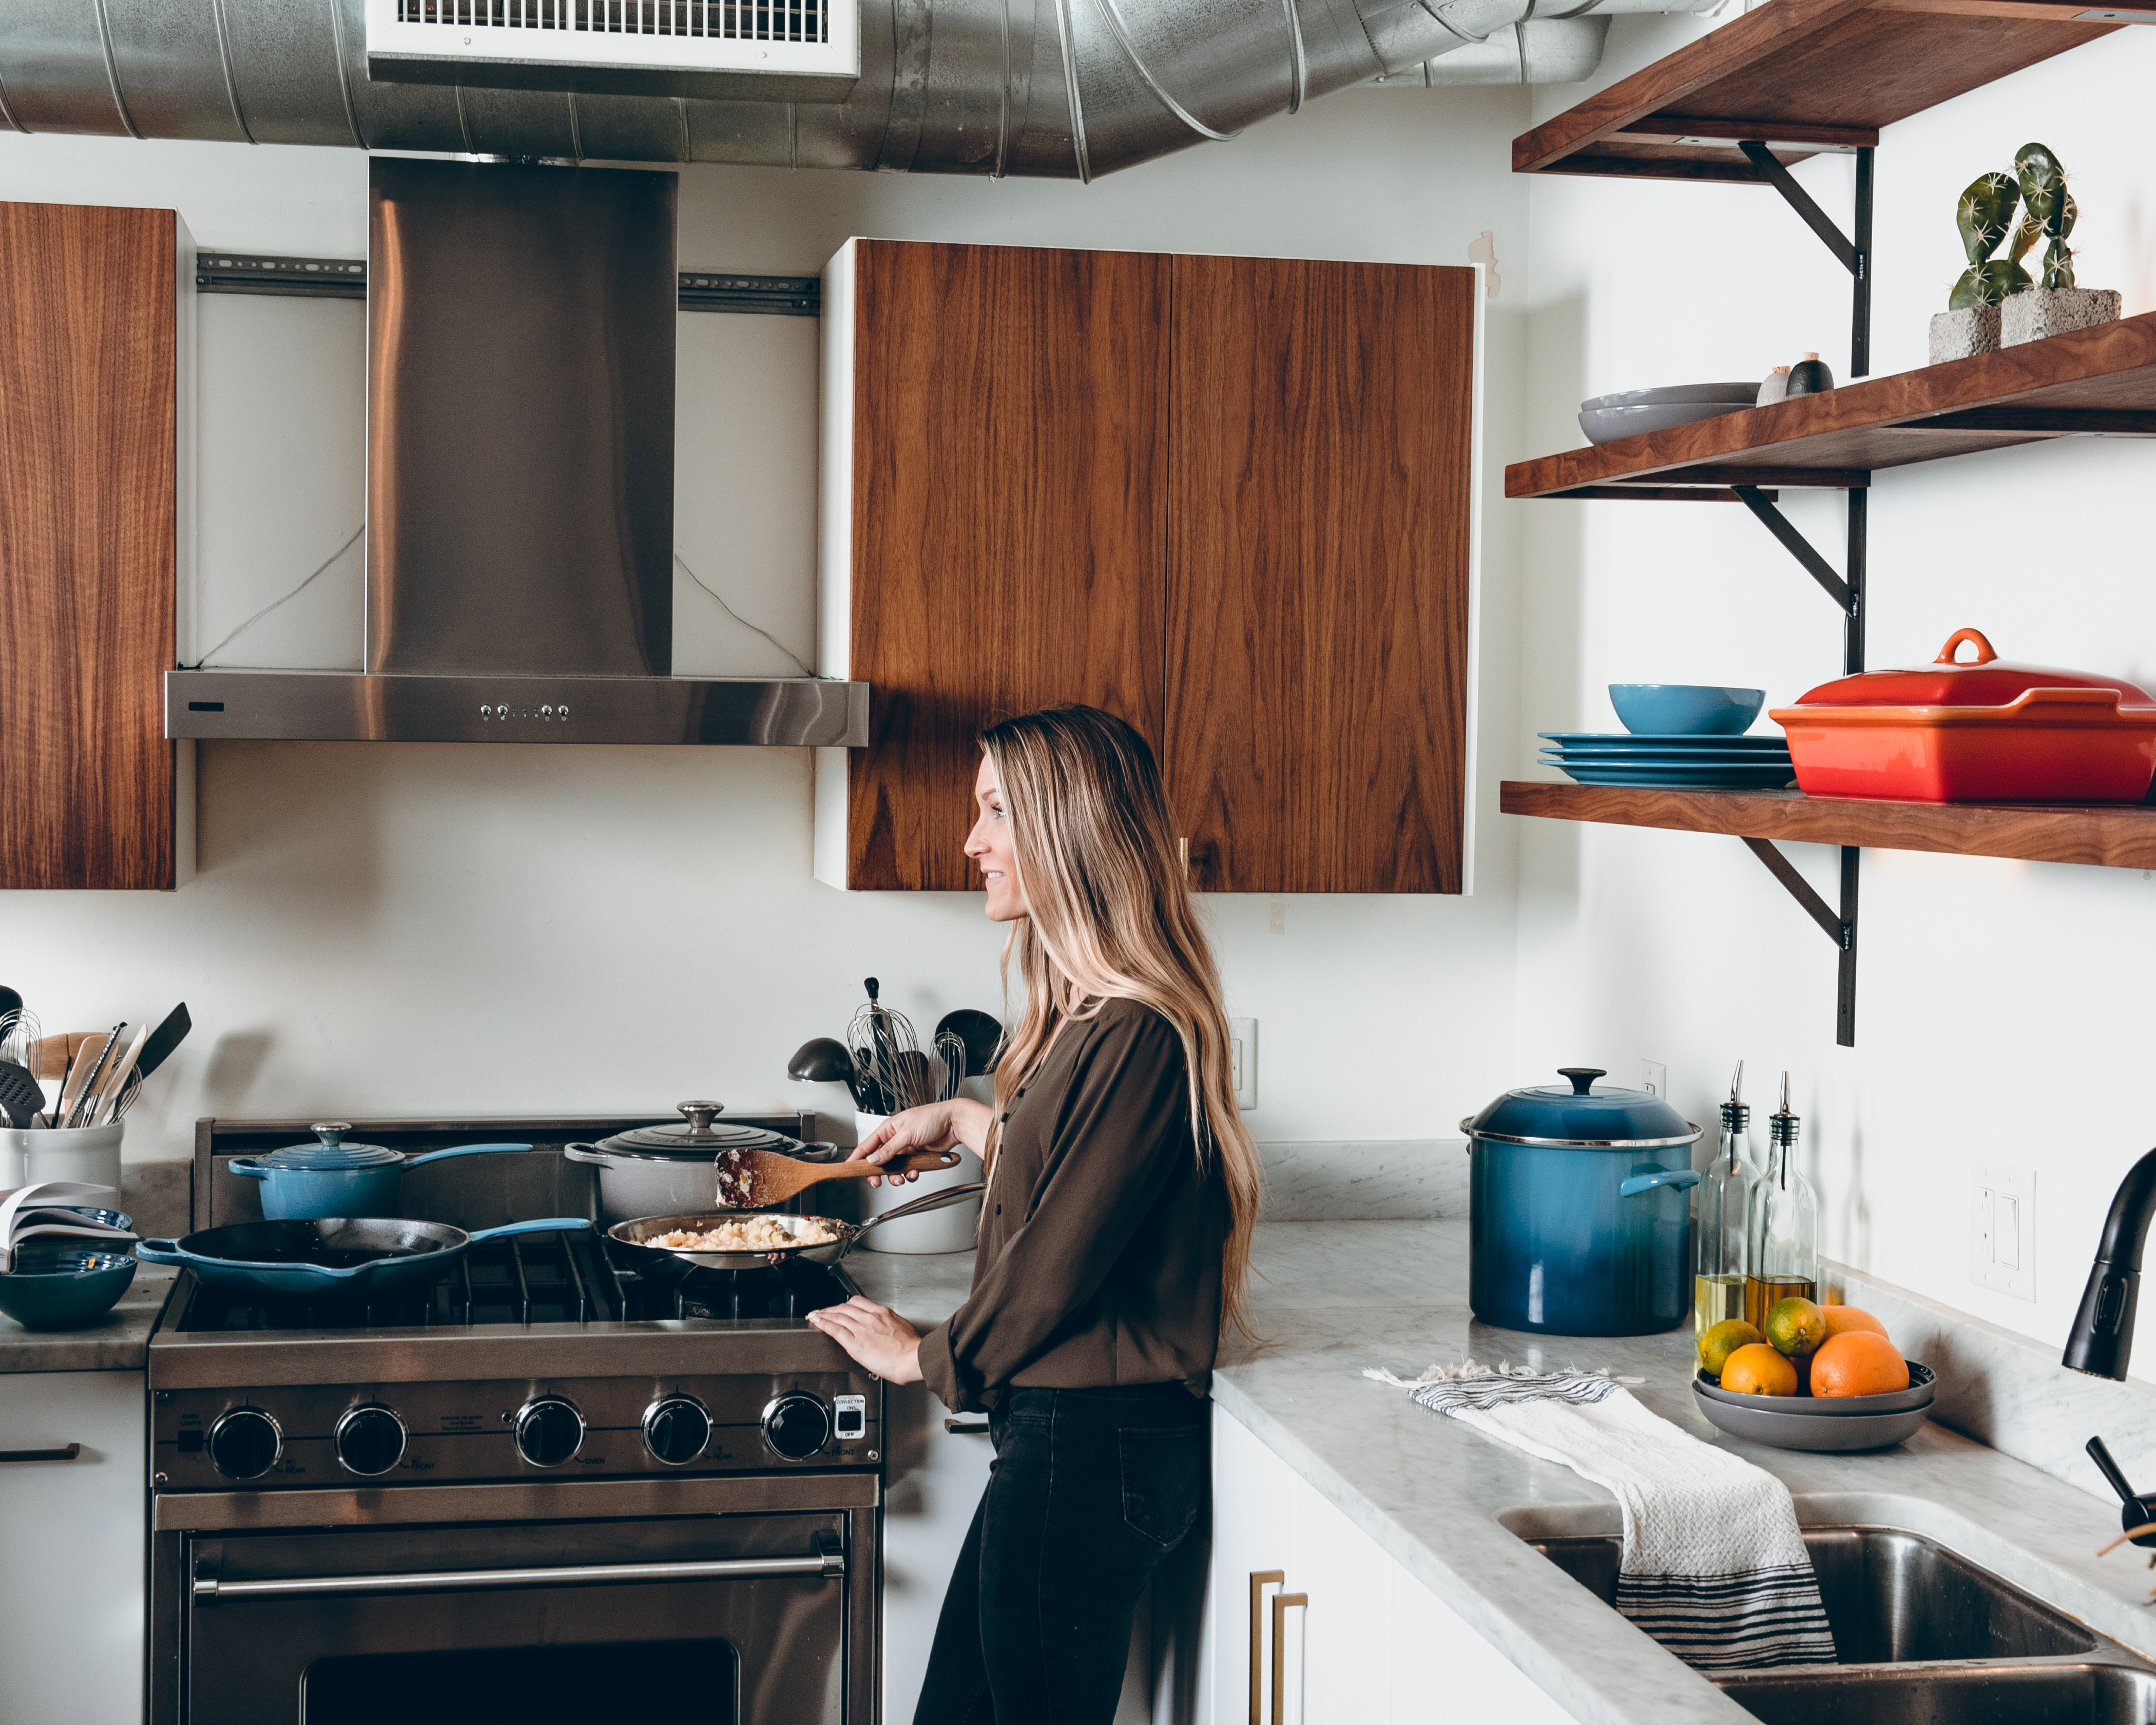 Kuchnia wolnostojąca i jej największe zalety